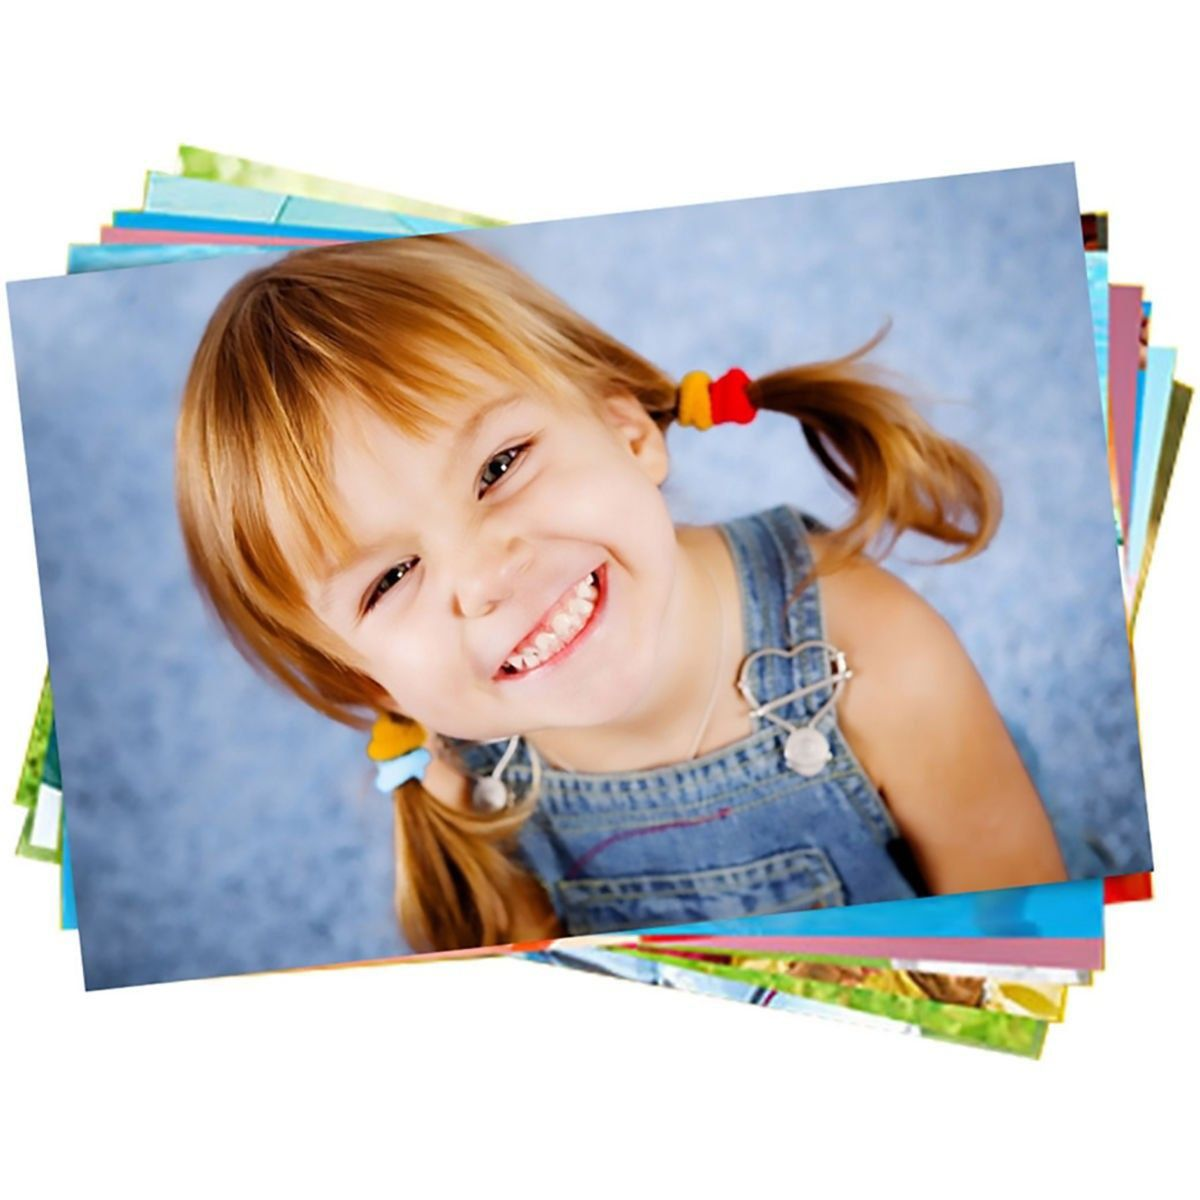 Papel Fotográfico A4 230g Glossy Branco Brilhante Resistente à Água / 1000 folhas